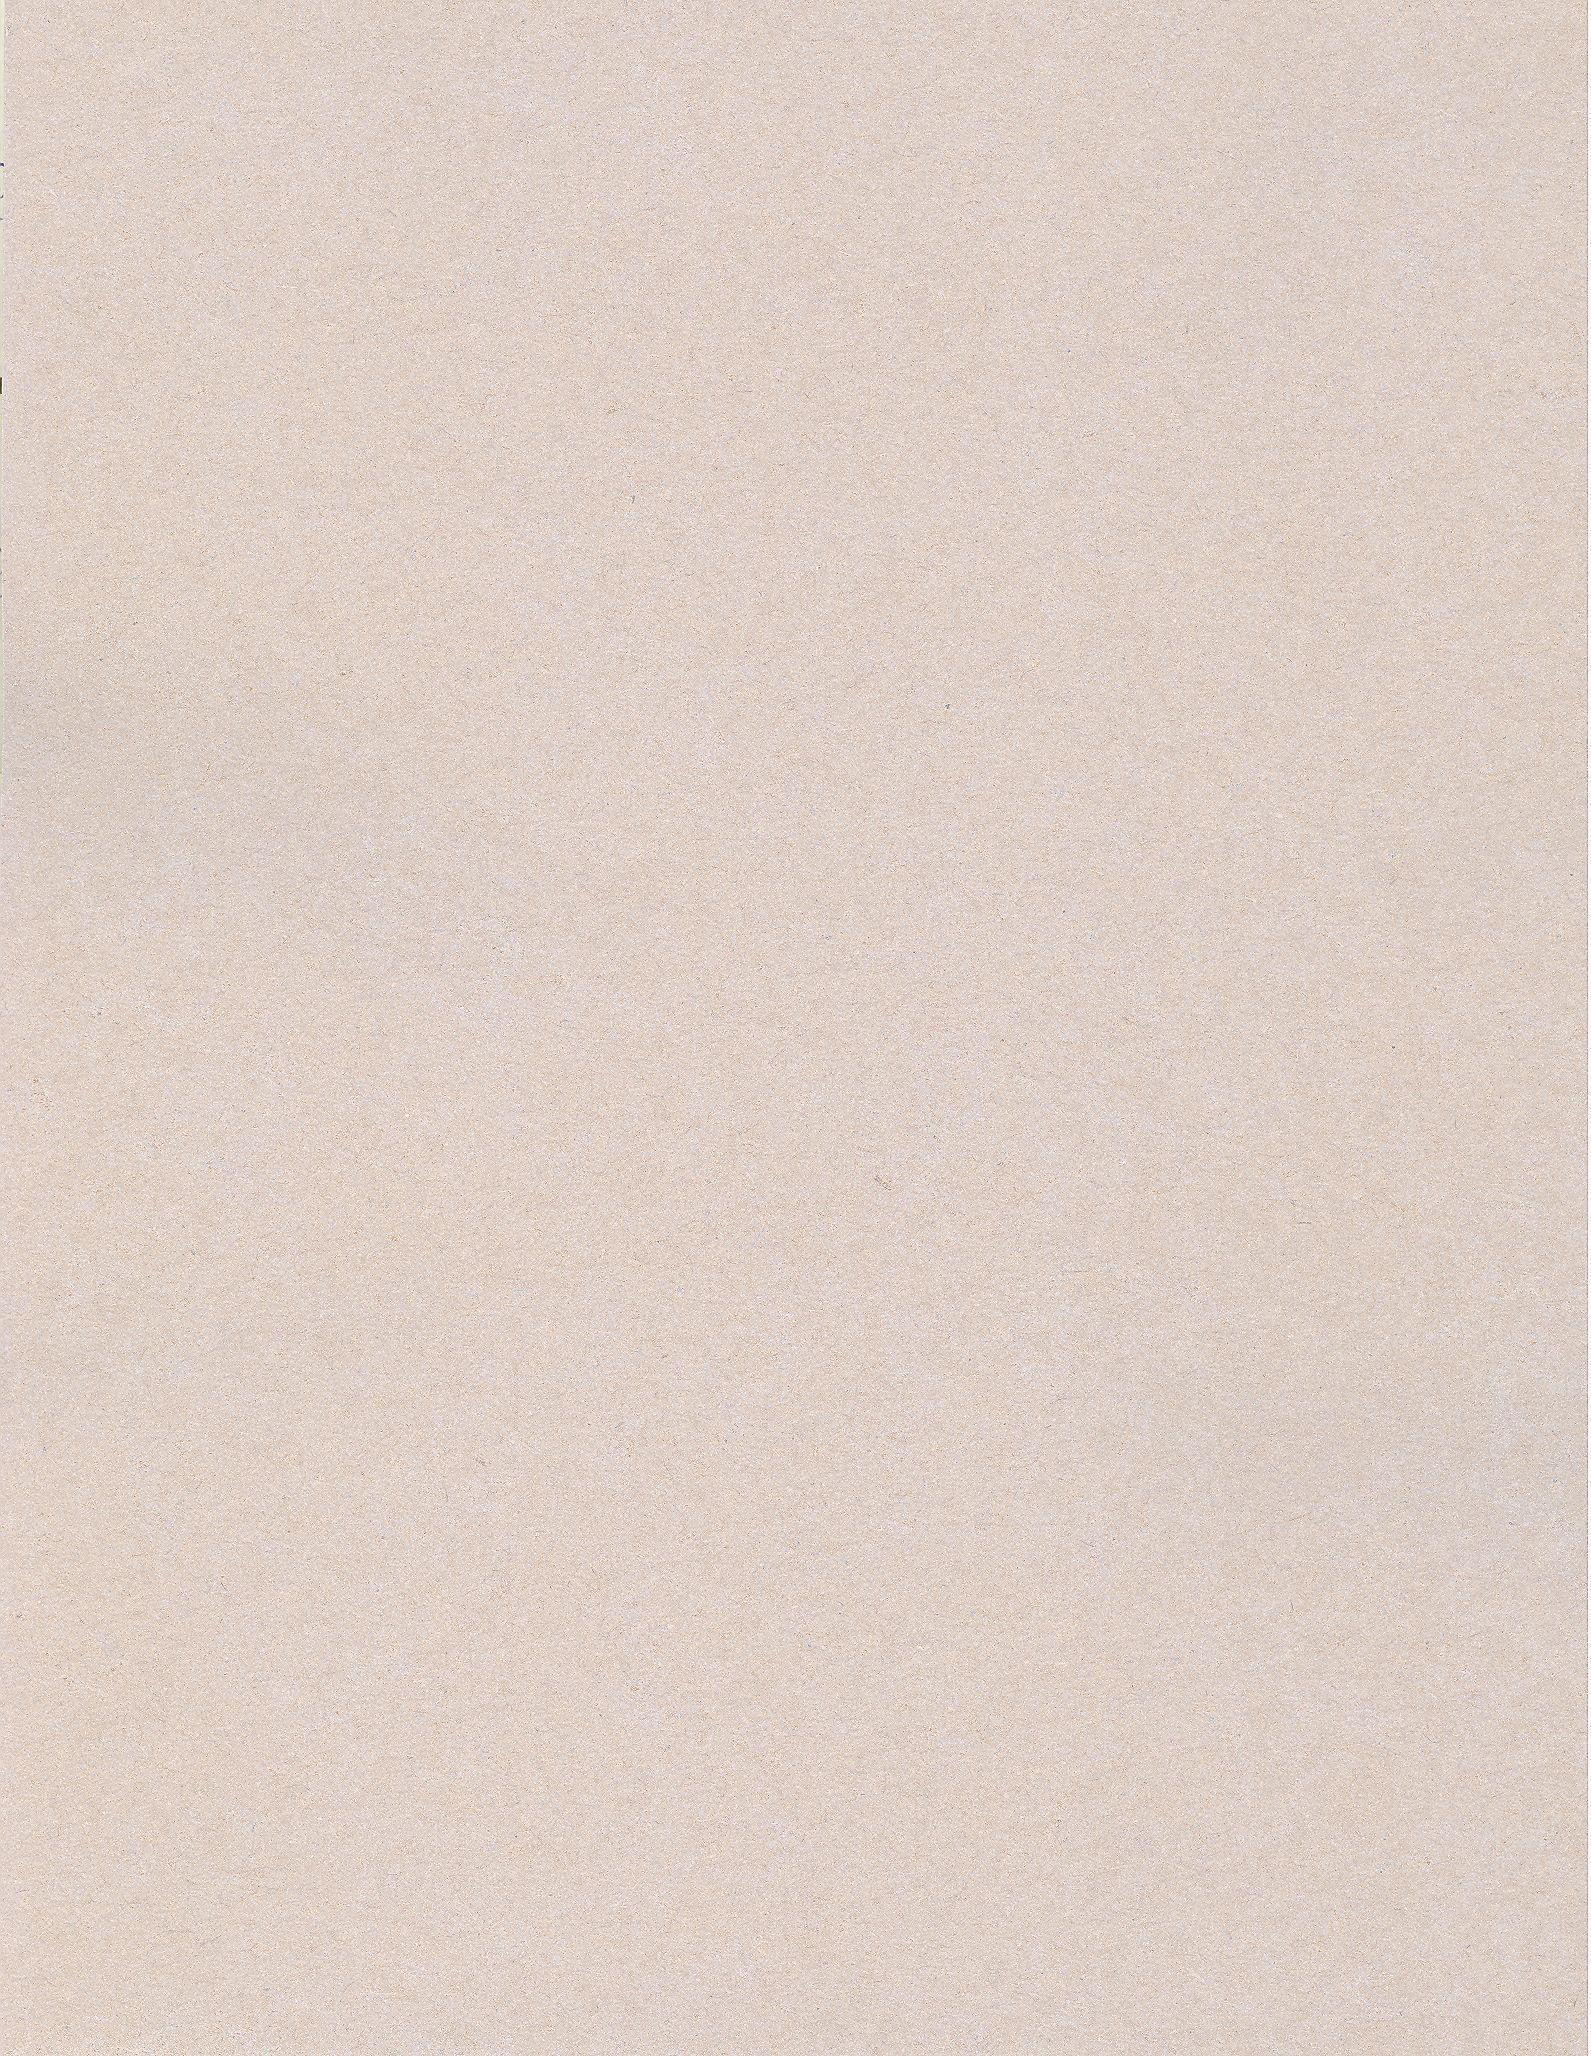 Secare Uni Pearl Beige/Gold 920279 250m/30cm